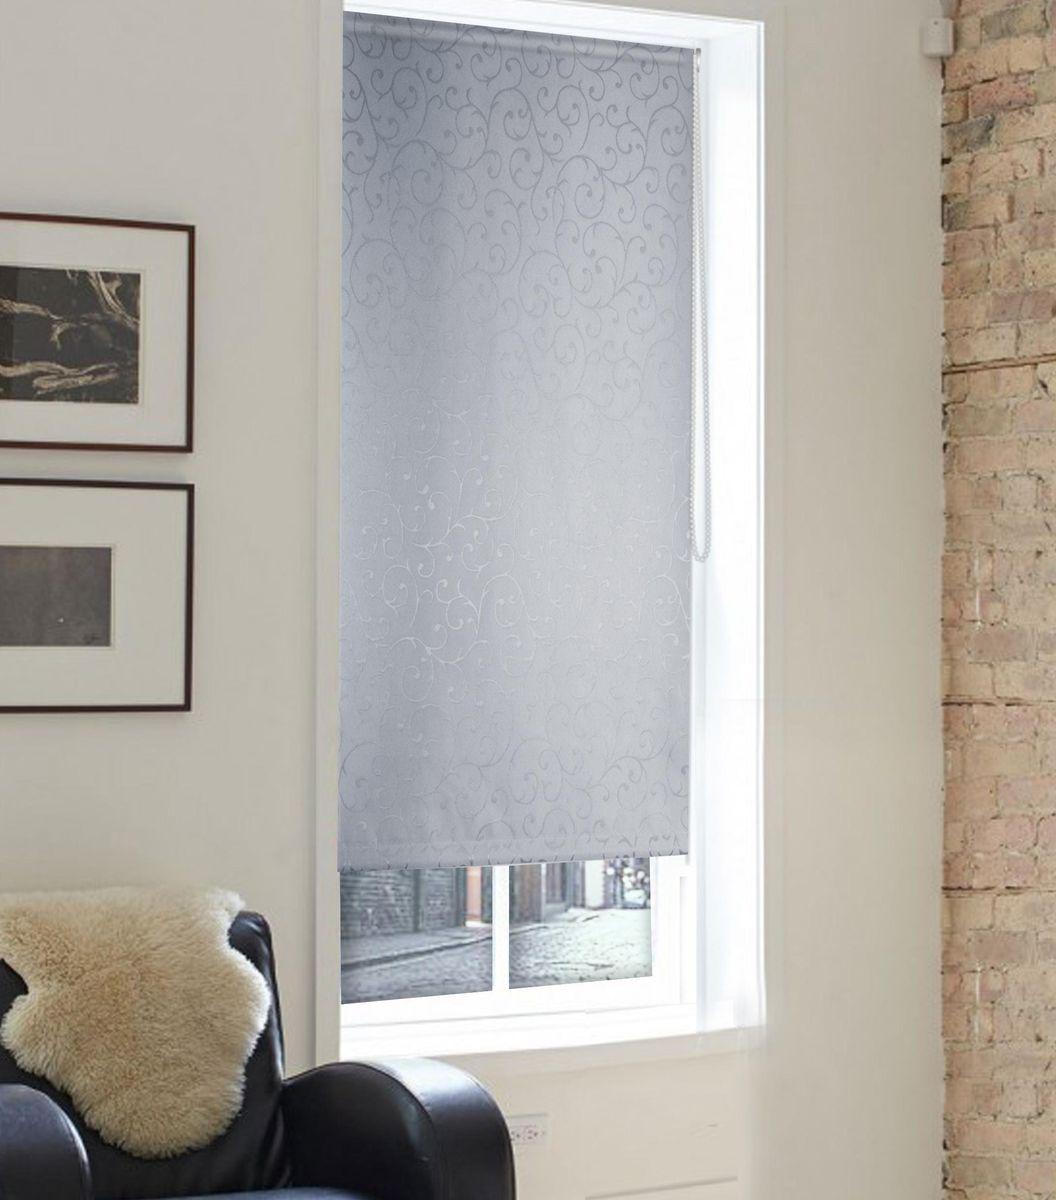 Штора рулонная Эскар Агат, цвет: серый, ширина 80 см, высота 160 см87022080160Рулонными шторами можно оформлять окна как самостоятельно, так и использовать в комбинации с портьерами. Это поможет предотвратить выгорание дорогой ткани на солнце и соединит функционал рулонных с красотой навесных.Преимущества применения рулонных штор для пластиковых окон:- имеют прекрасный внешний вид: многообразие и фактурность материала изделия отлично смотрятся в любом интерьере; - многофункциональны: есть возможность подобрать шторы способные эффективно защитить комнату от солнца, при этом она не будет слишком темной.- Есть возможность осуществить быстрый монтаж.ВНИМАНИЕ! Размеры ширины изделия указаны по ширине ткани!Во время эксплуатации не рекомендуется полностью разматывать рулон, чтобы не оторвать ткань от намоточного вала.В случае загрязнения поверхности ткани, чистку шторы проводят одним из способов, в зависимости от типа загрязнения: легкое поверхностное загрязнение можно удалить при помощи канцелярского ластика; чистка от пыли производится сухим методом при помощи пылесоса с мягкой щеткой-насадкой; для удаления пятна используйте мягкую губку с пенообразующим неагрессивным моющим средством или пятновыводитель на натуральной основе (нельзя применять растворители).